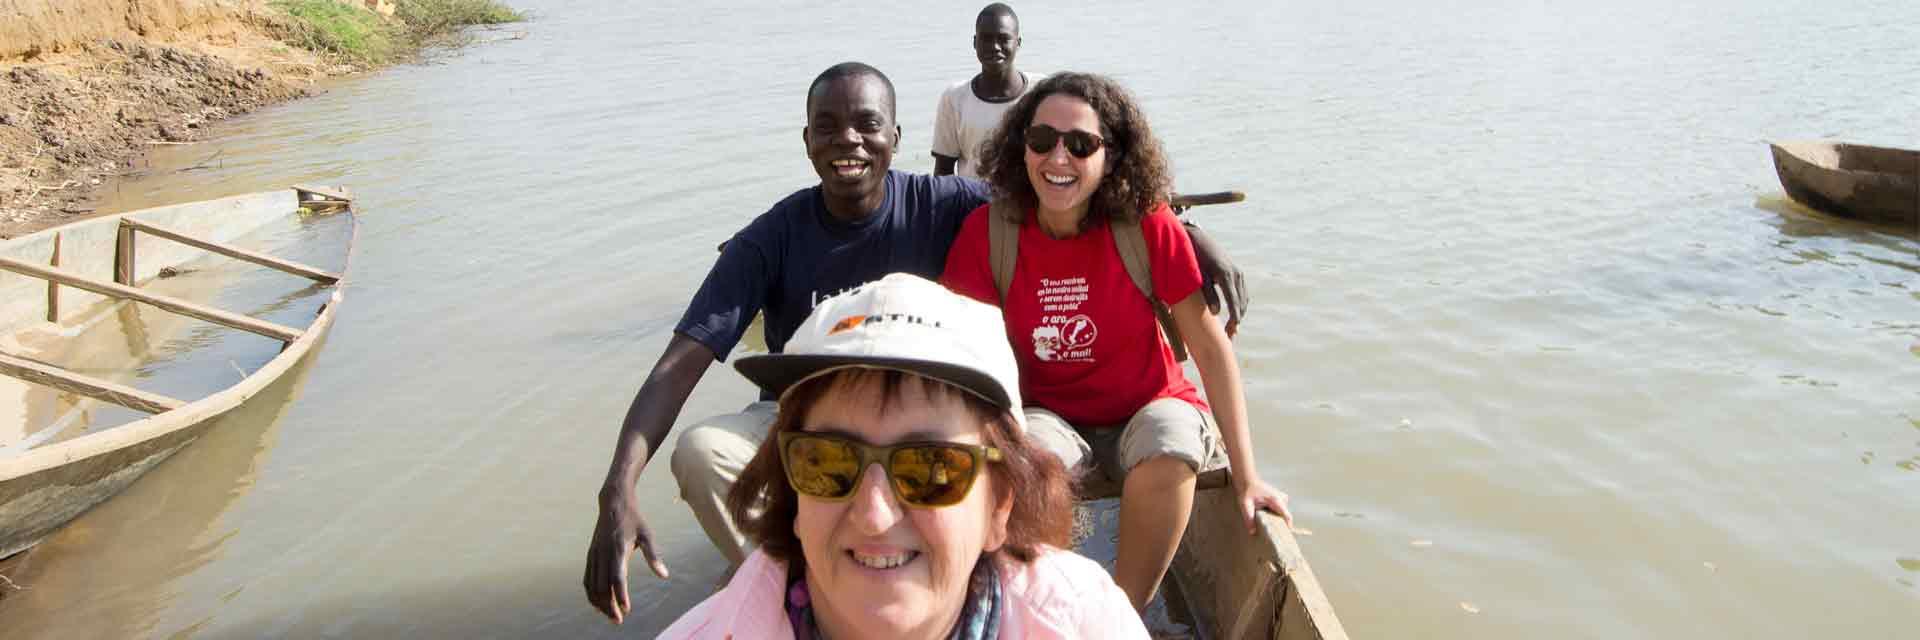 Grupo de cooperantes de travesía en el rio Logone.